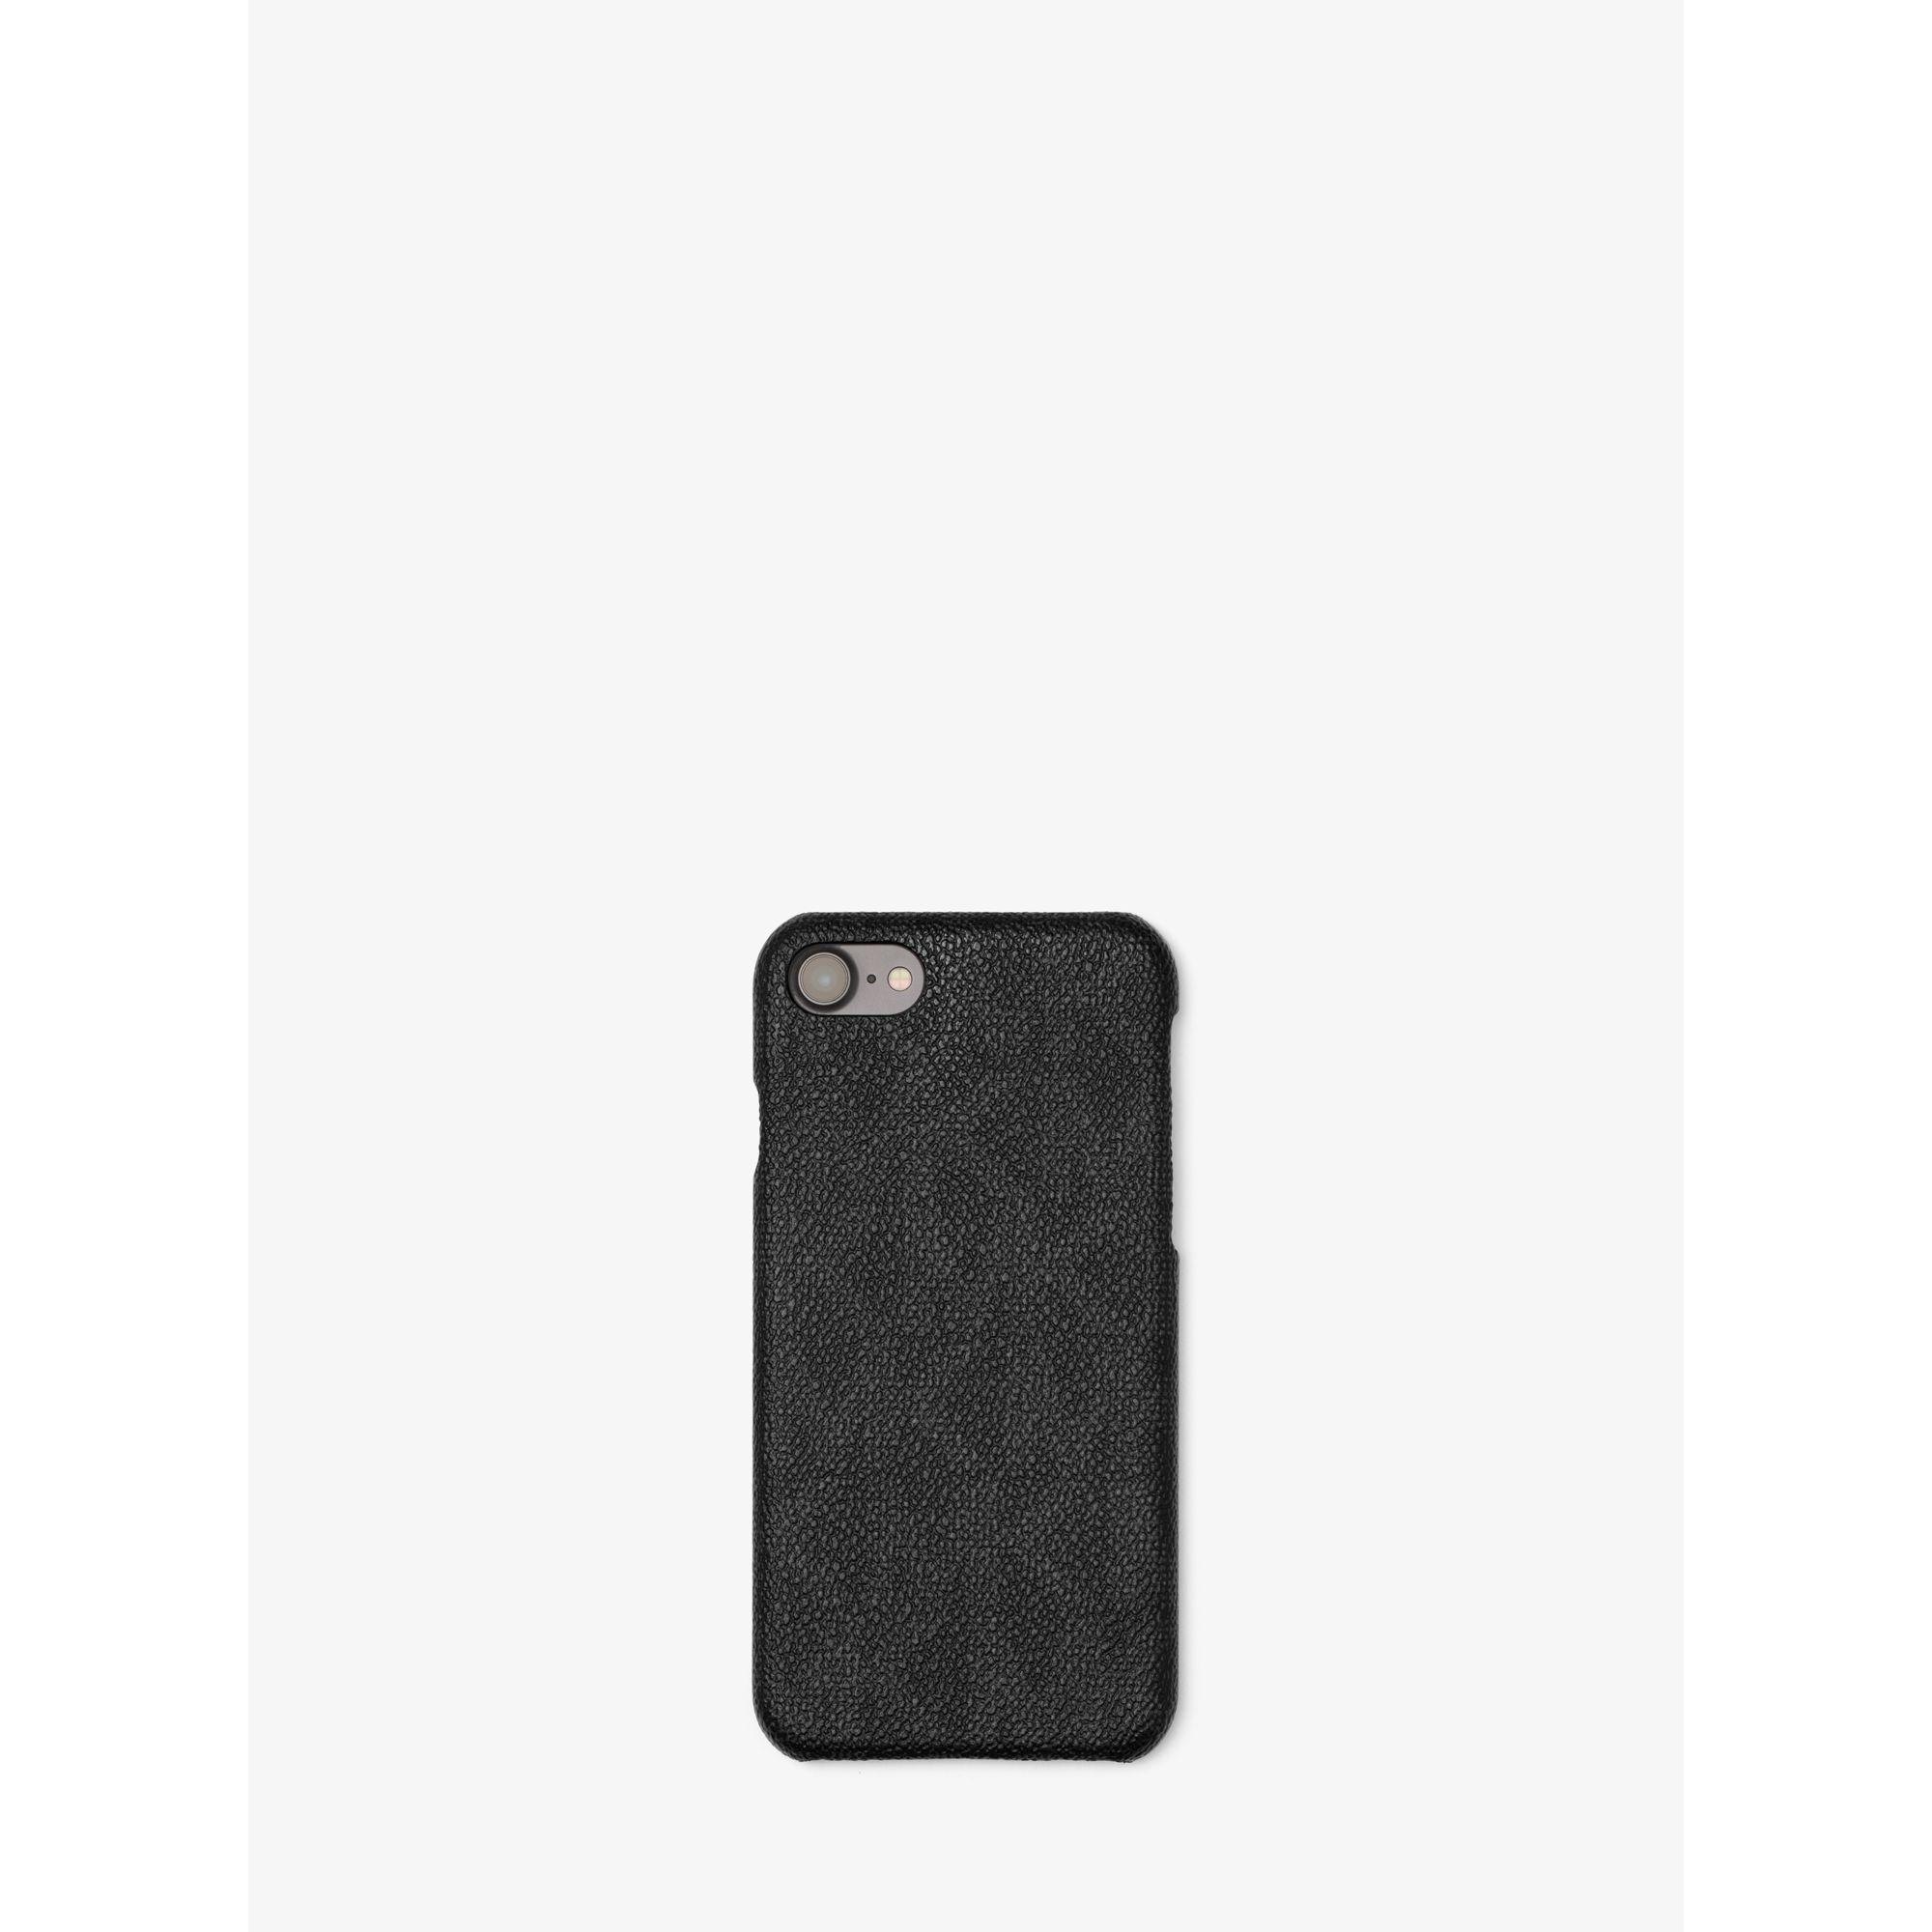 michael kors logo smartphone case for iphone 7 in black lyst. Black Bedroom Furniture Sets. Home Design Ideas